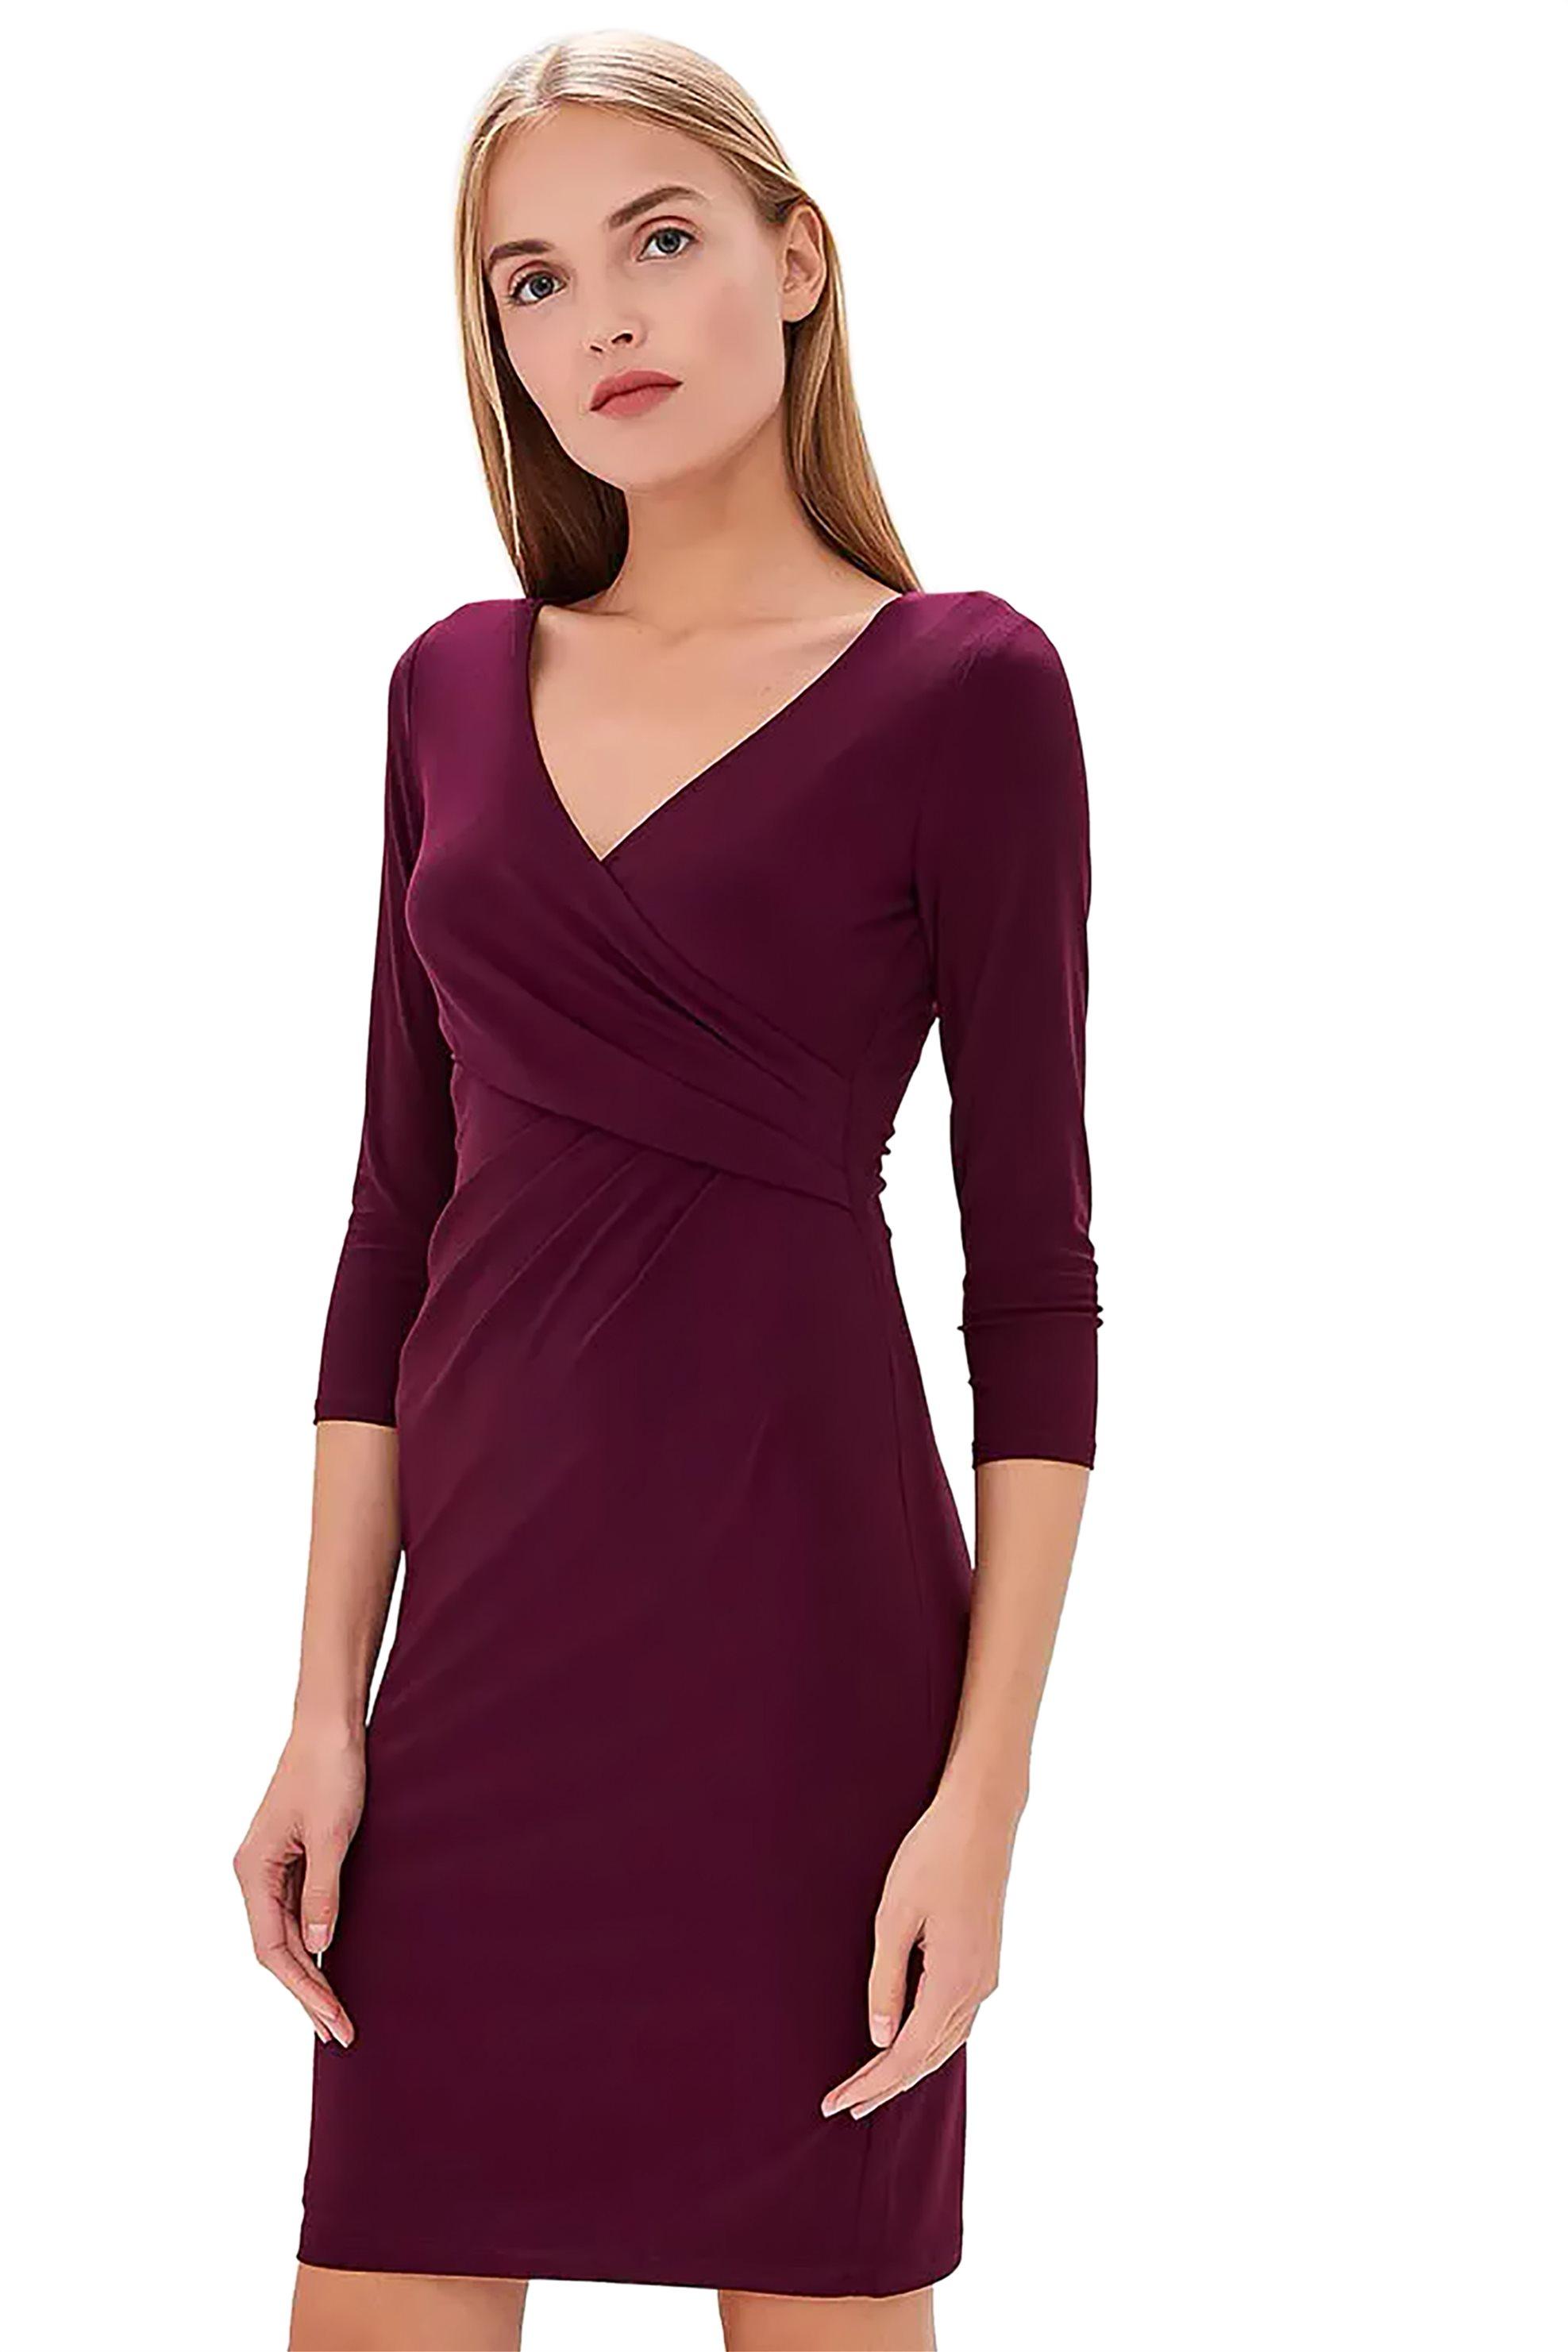 7a88b6fb1e93 Lauren Ralph Lauren Γυναικείο Φόρεμα ...